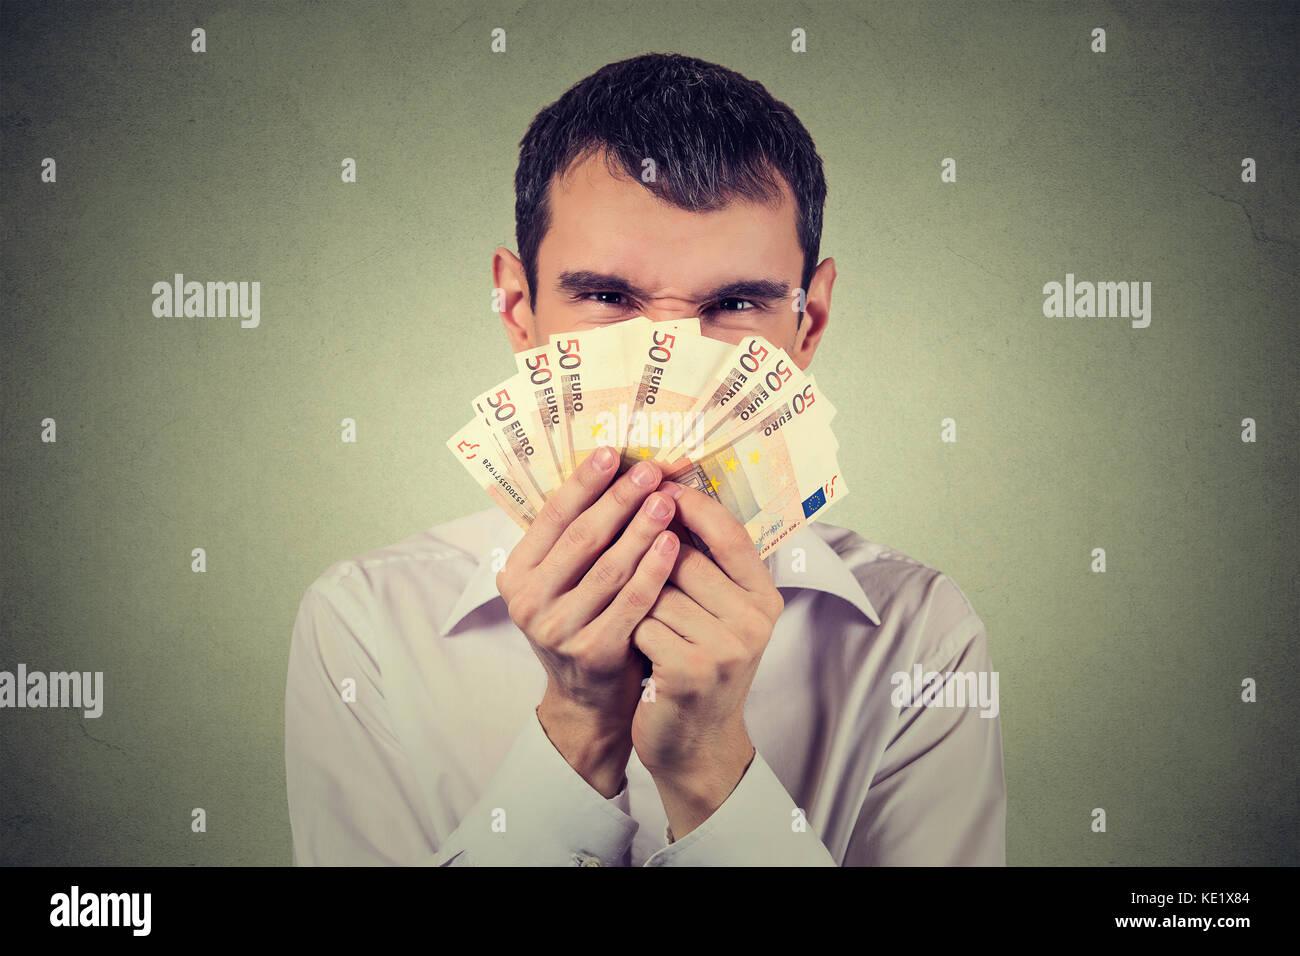 Hombre codicioso con billetes billetes aislado sobre fondo de pared gris Imagen De Stock